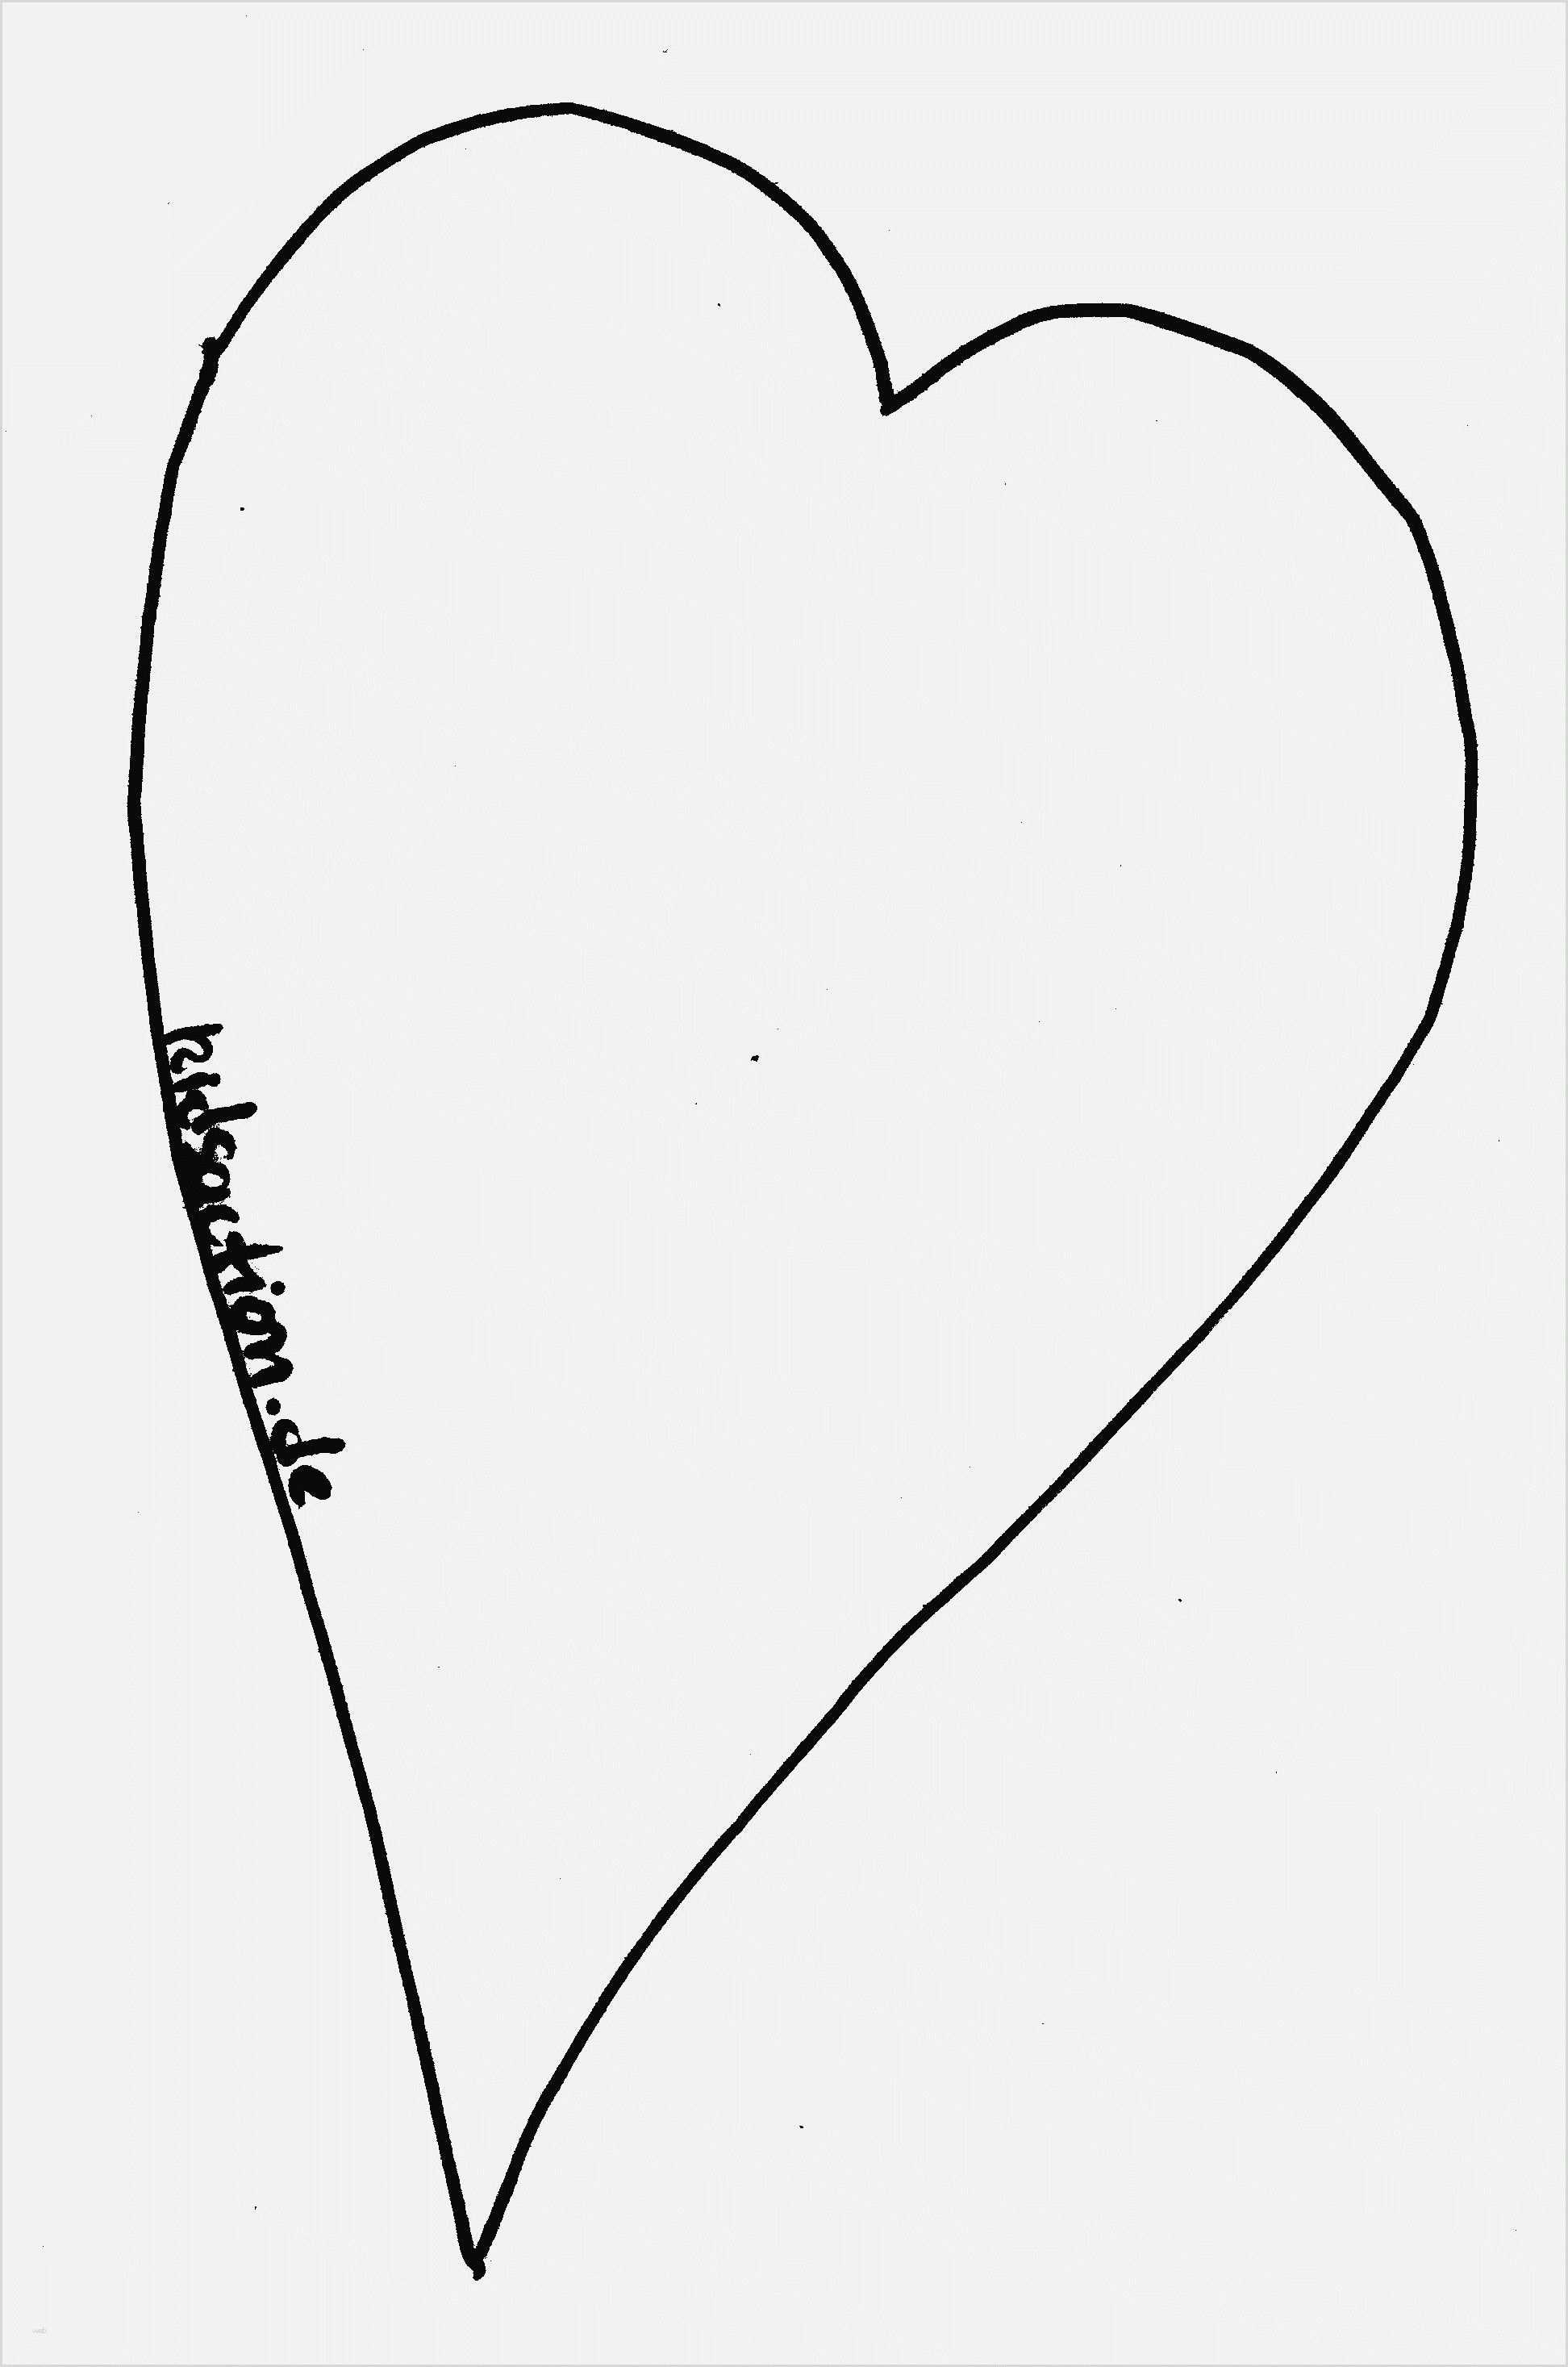 Einzigartig Herzen Vorlage Herz Vorlage Vorlagen Ausdrucken